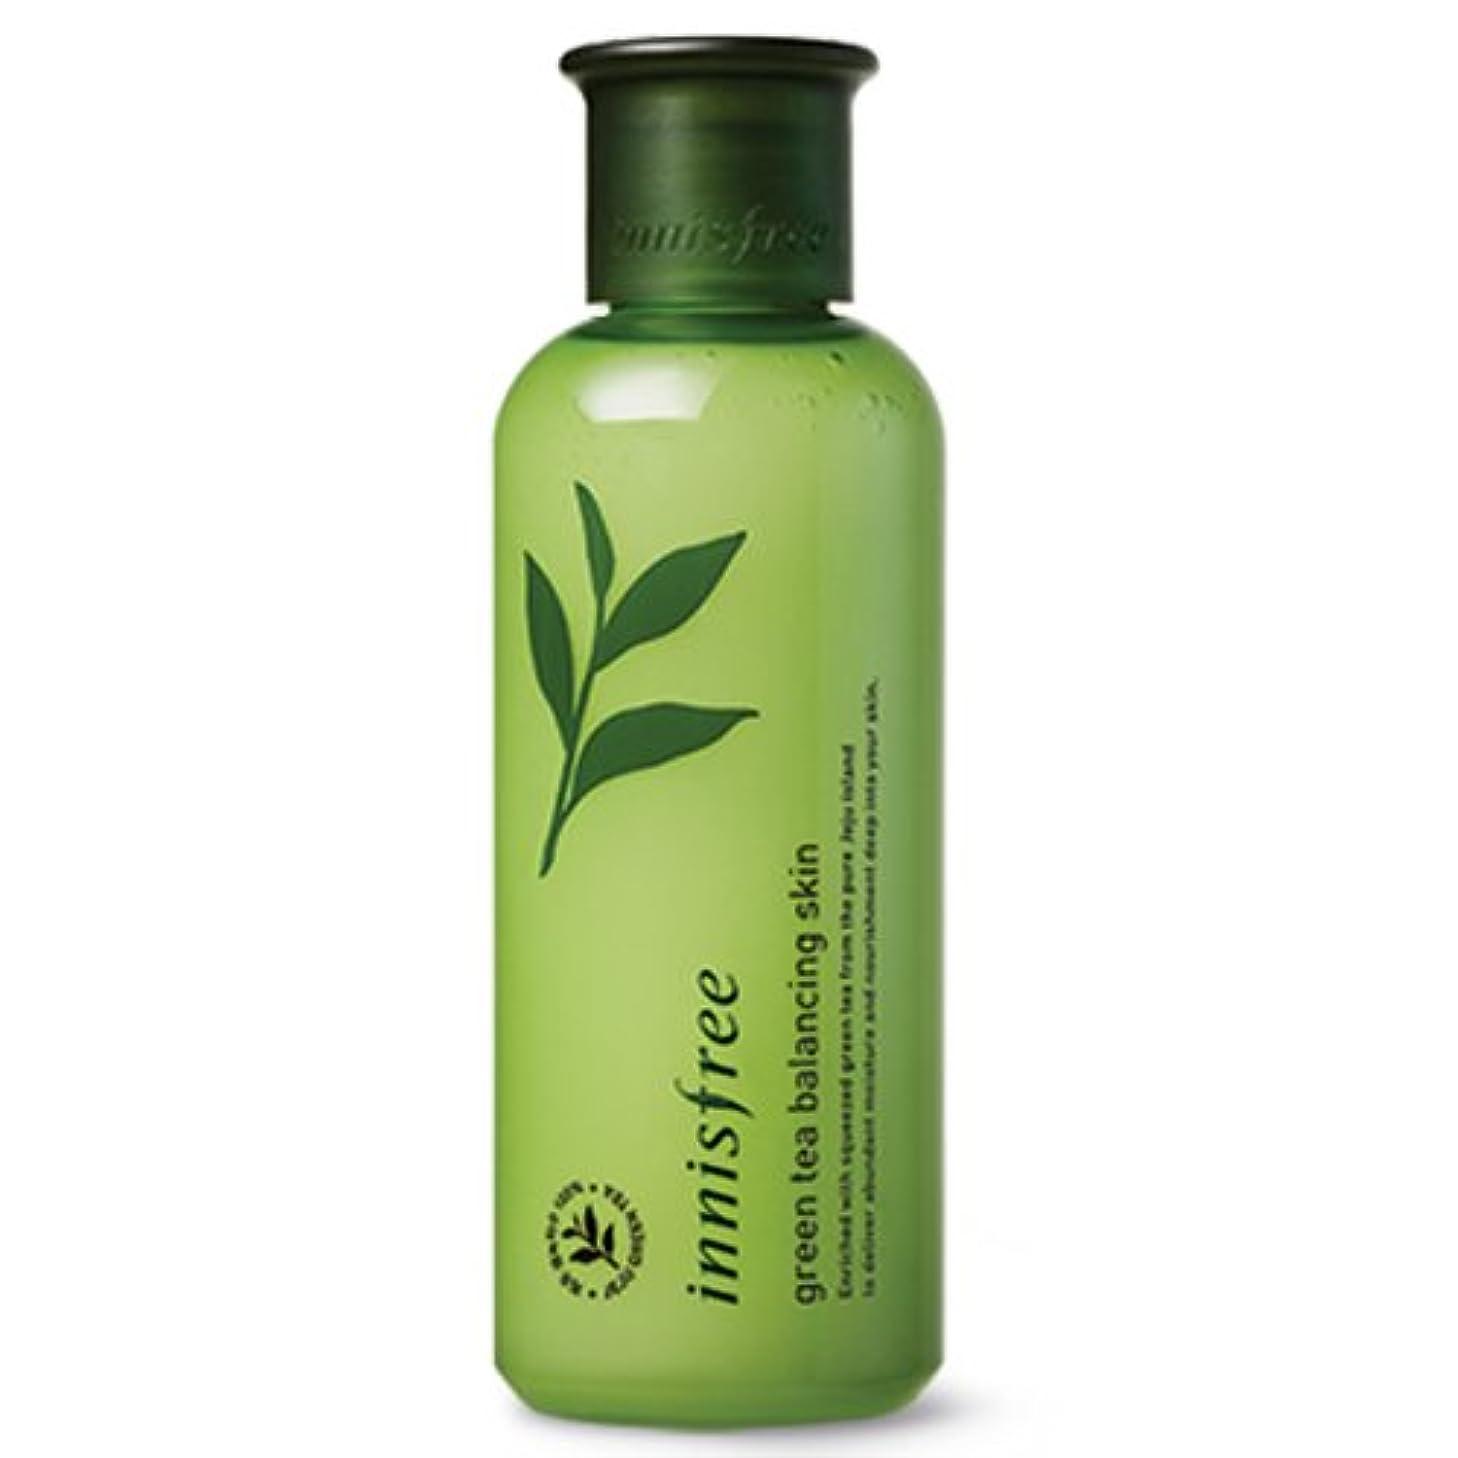 エイズ呪われた生きている[INNISFREE]イニスフリーグリーンティーバランシング スキン200ml green tea balancing skin 200ml